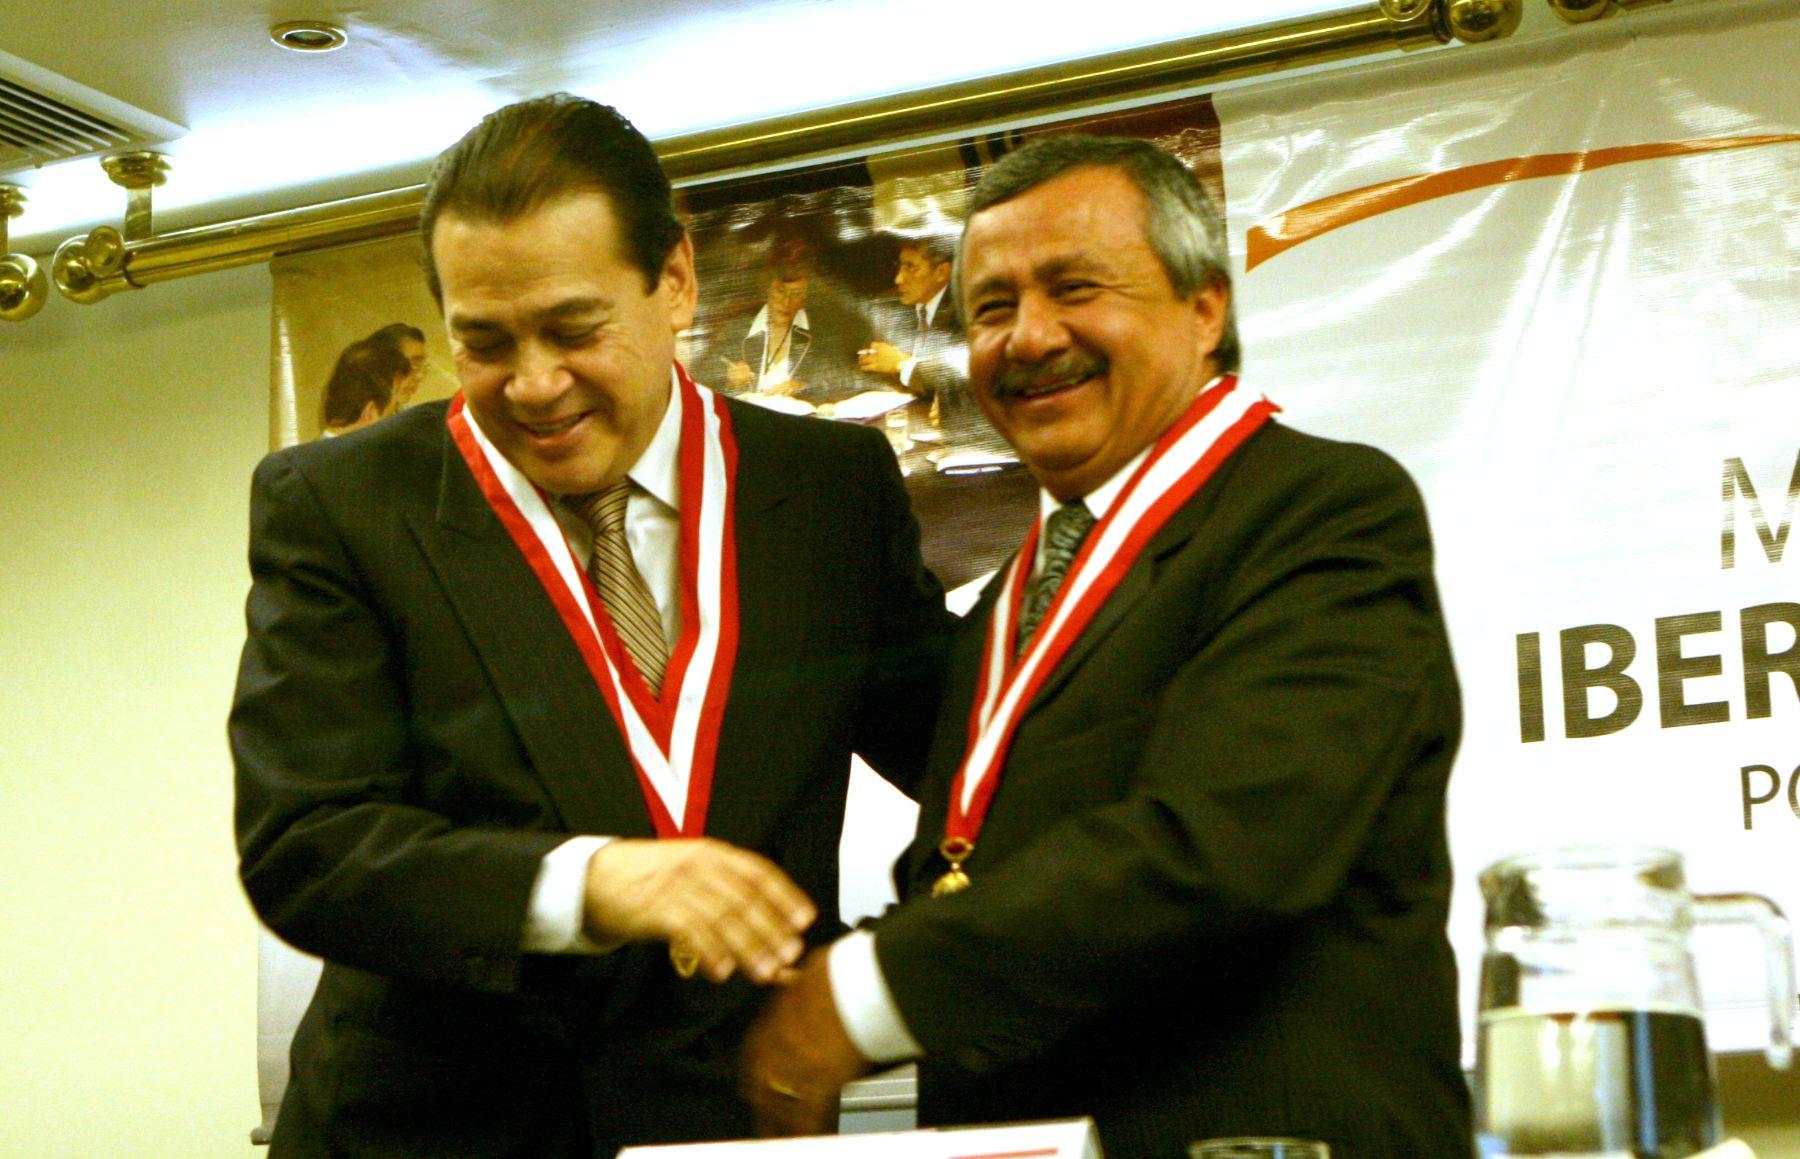 El presidente del Poder Judicial, Enrique Mendoza, y titular del Jurado Nacional de Elecciones,  Francisco Távara. ANDINA/archivo